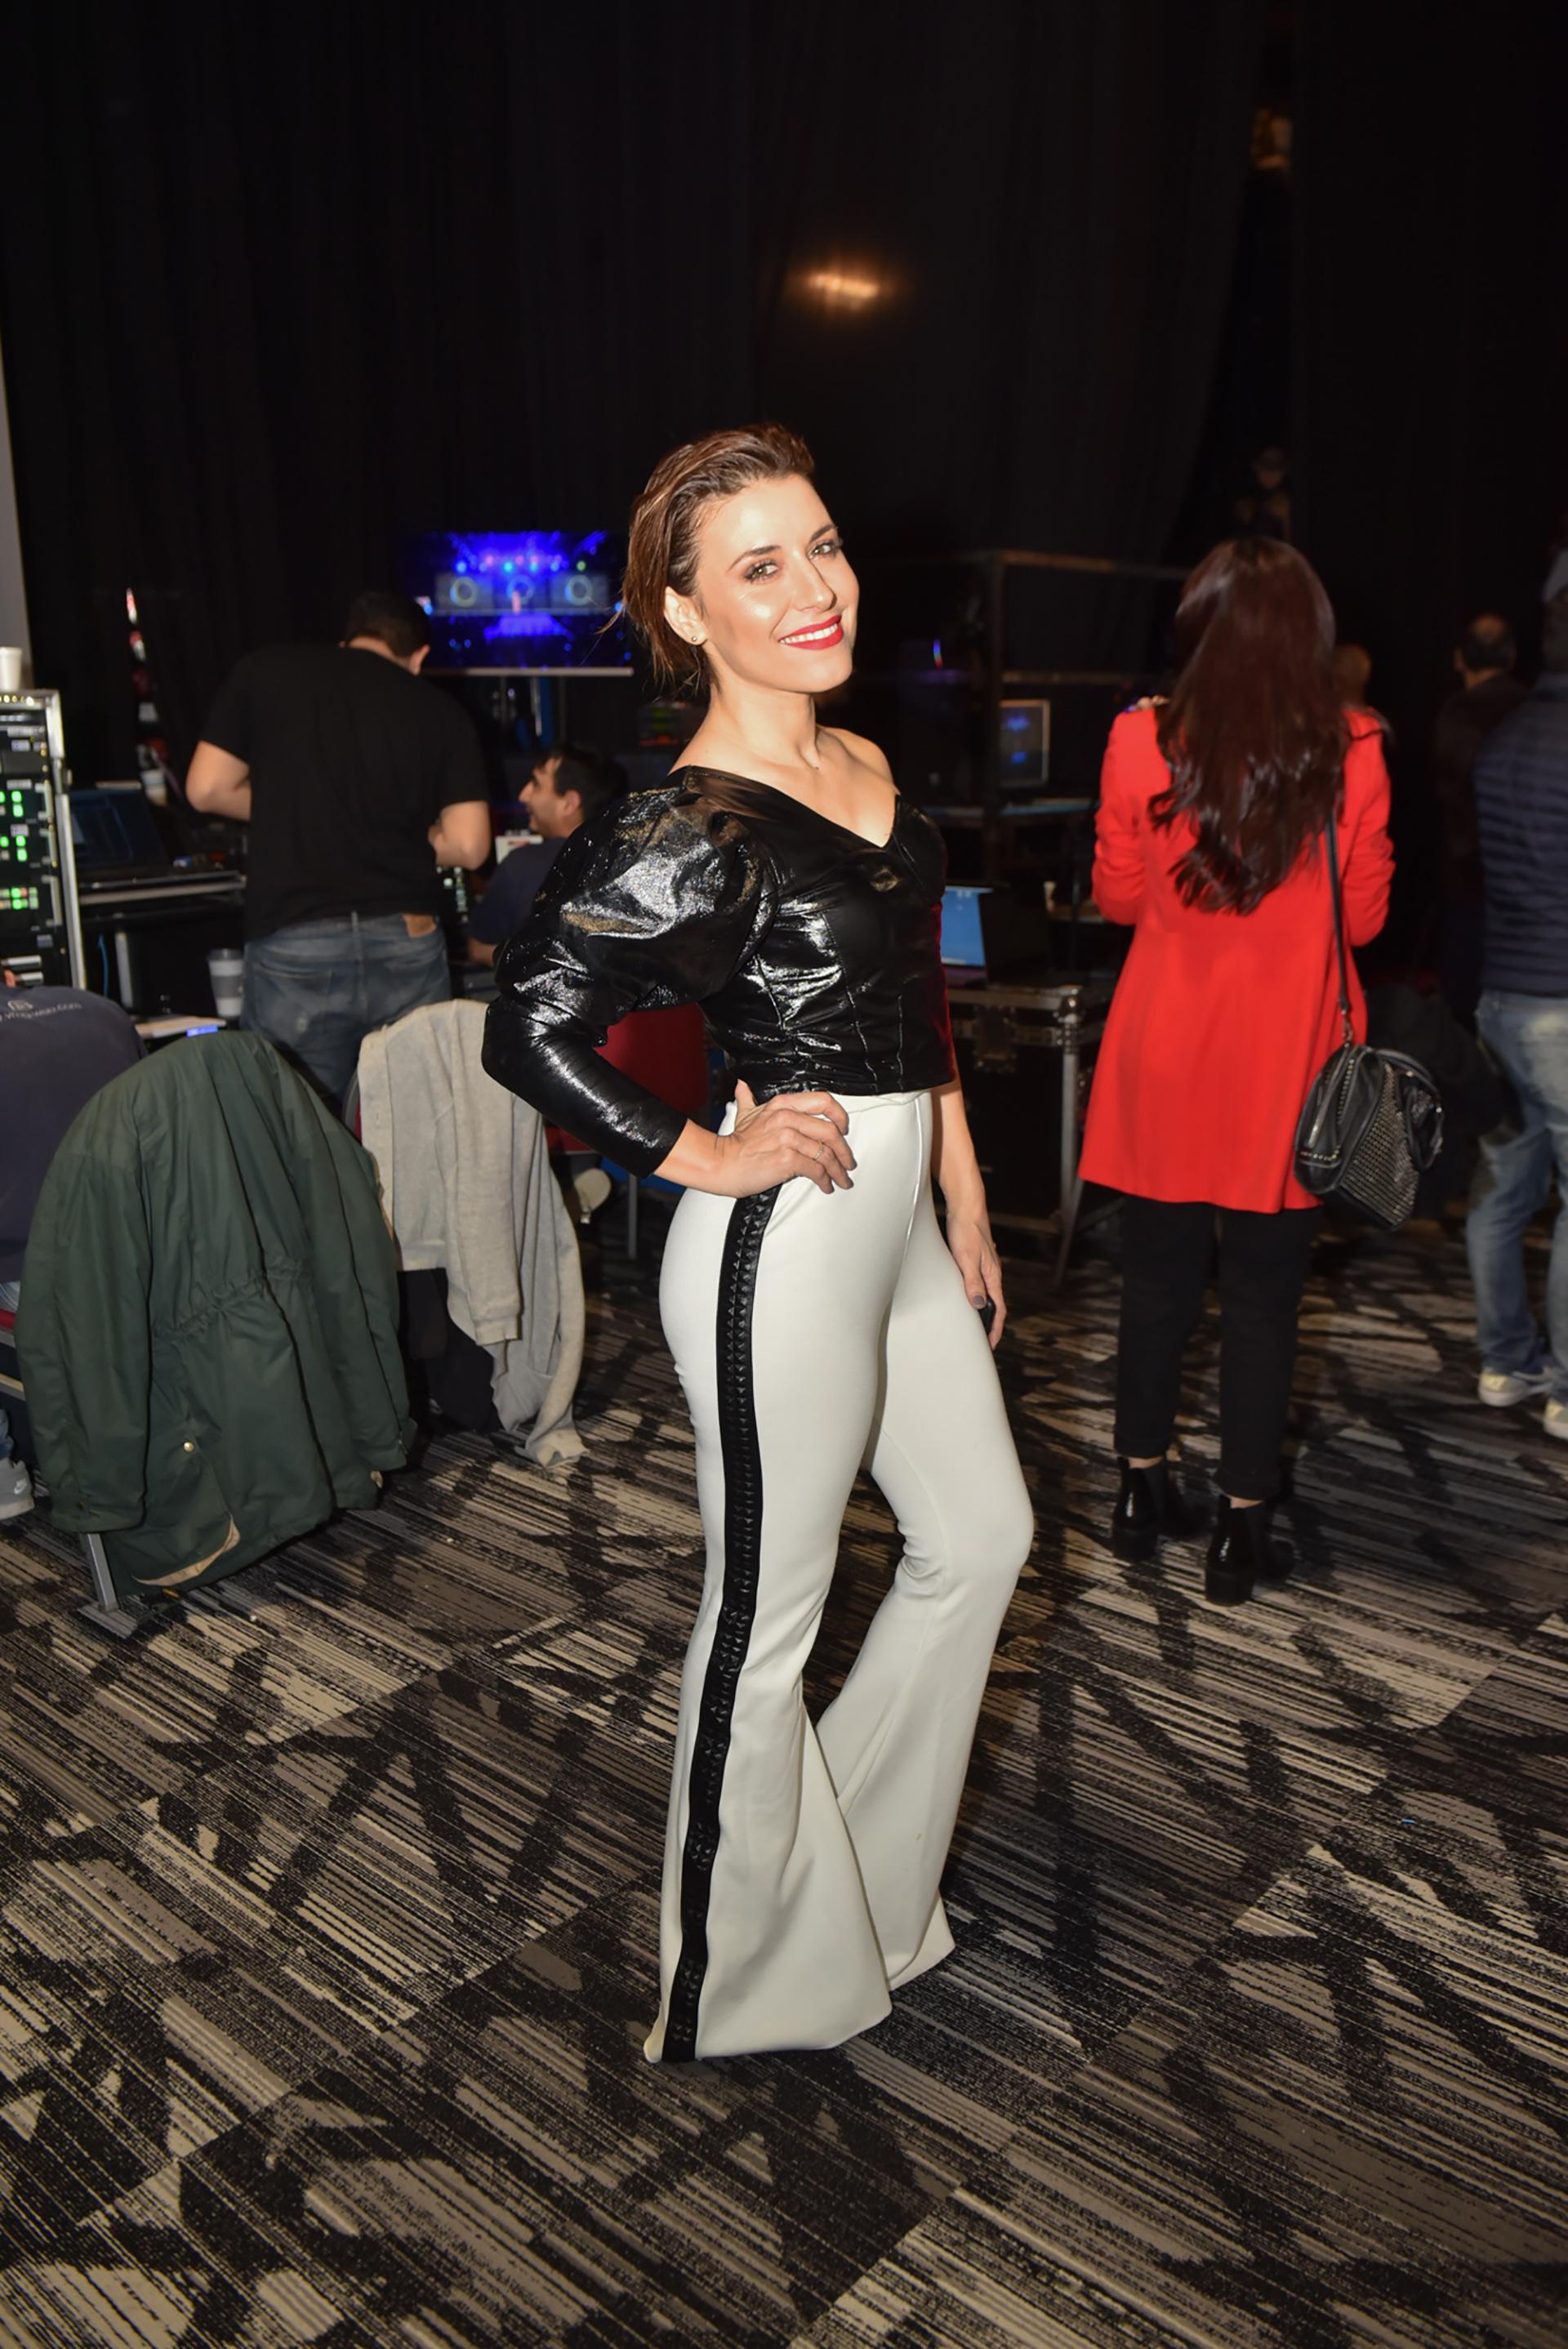 Mariana Brey estuvo presente en el desfile de Silkey con un look en blanco y negro. Lució un pantalón blanco con detalles de tachas y top metalizado con mangas puff (Guillermo Llamos)